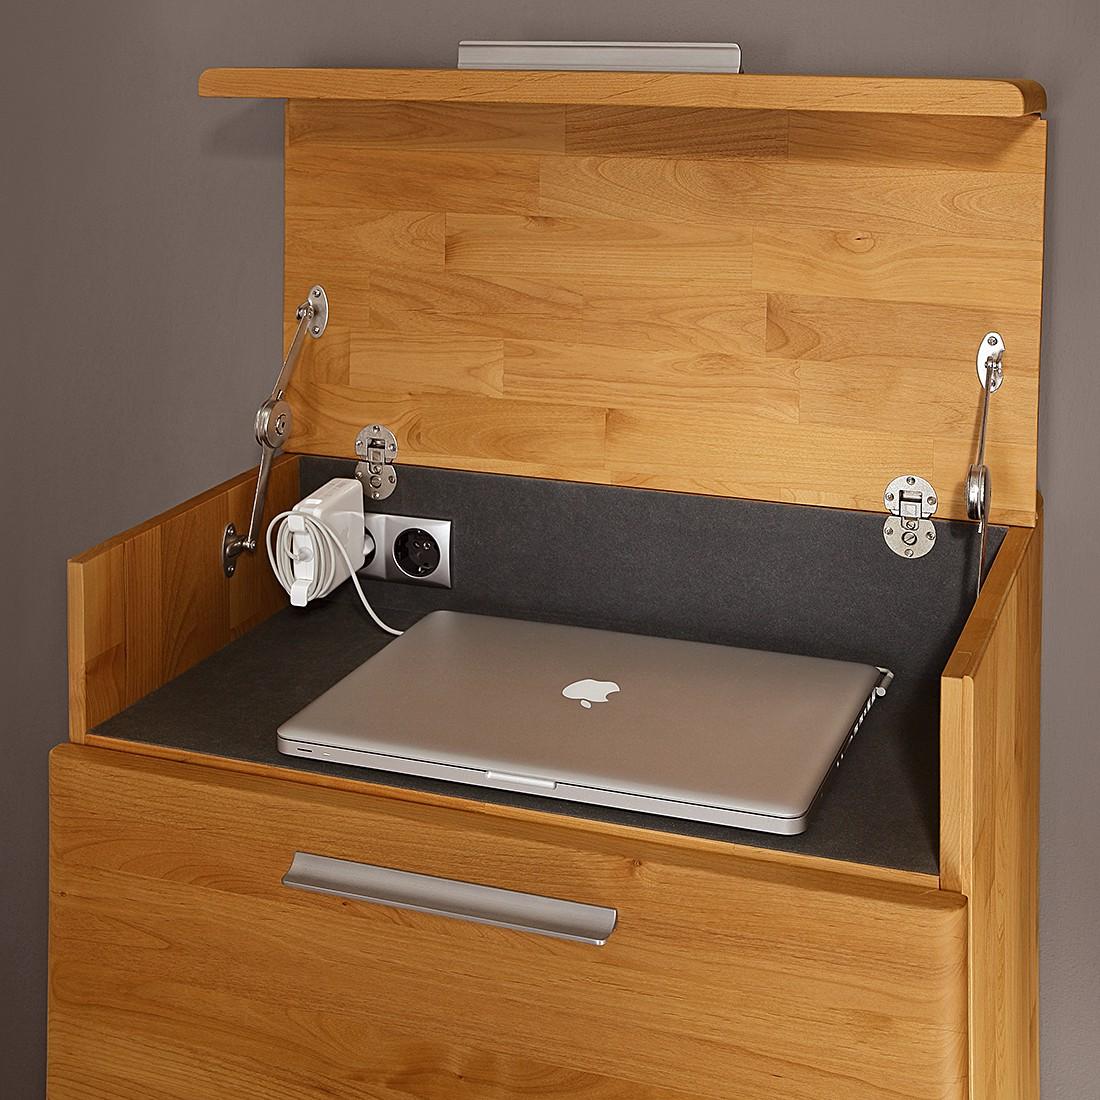 kommode curve erle massiv hartmann mhmv00184 kauf. Black Bedroom Furniture Sets. Home Design Ideas